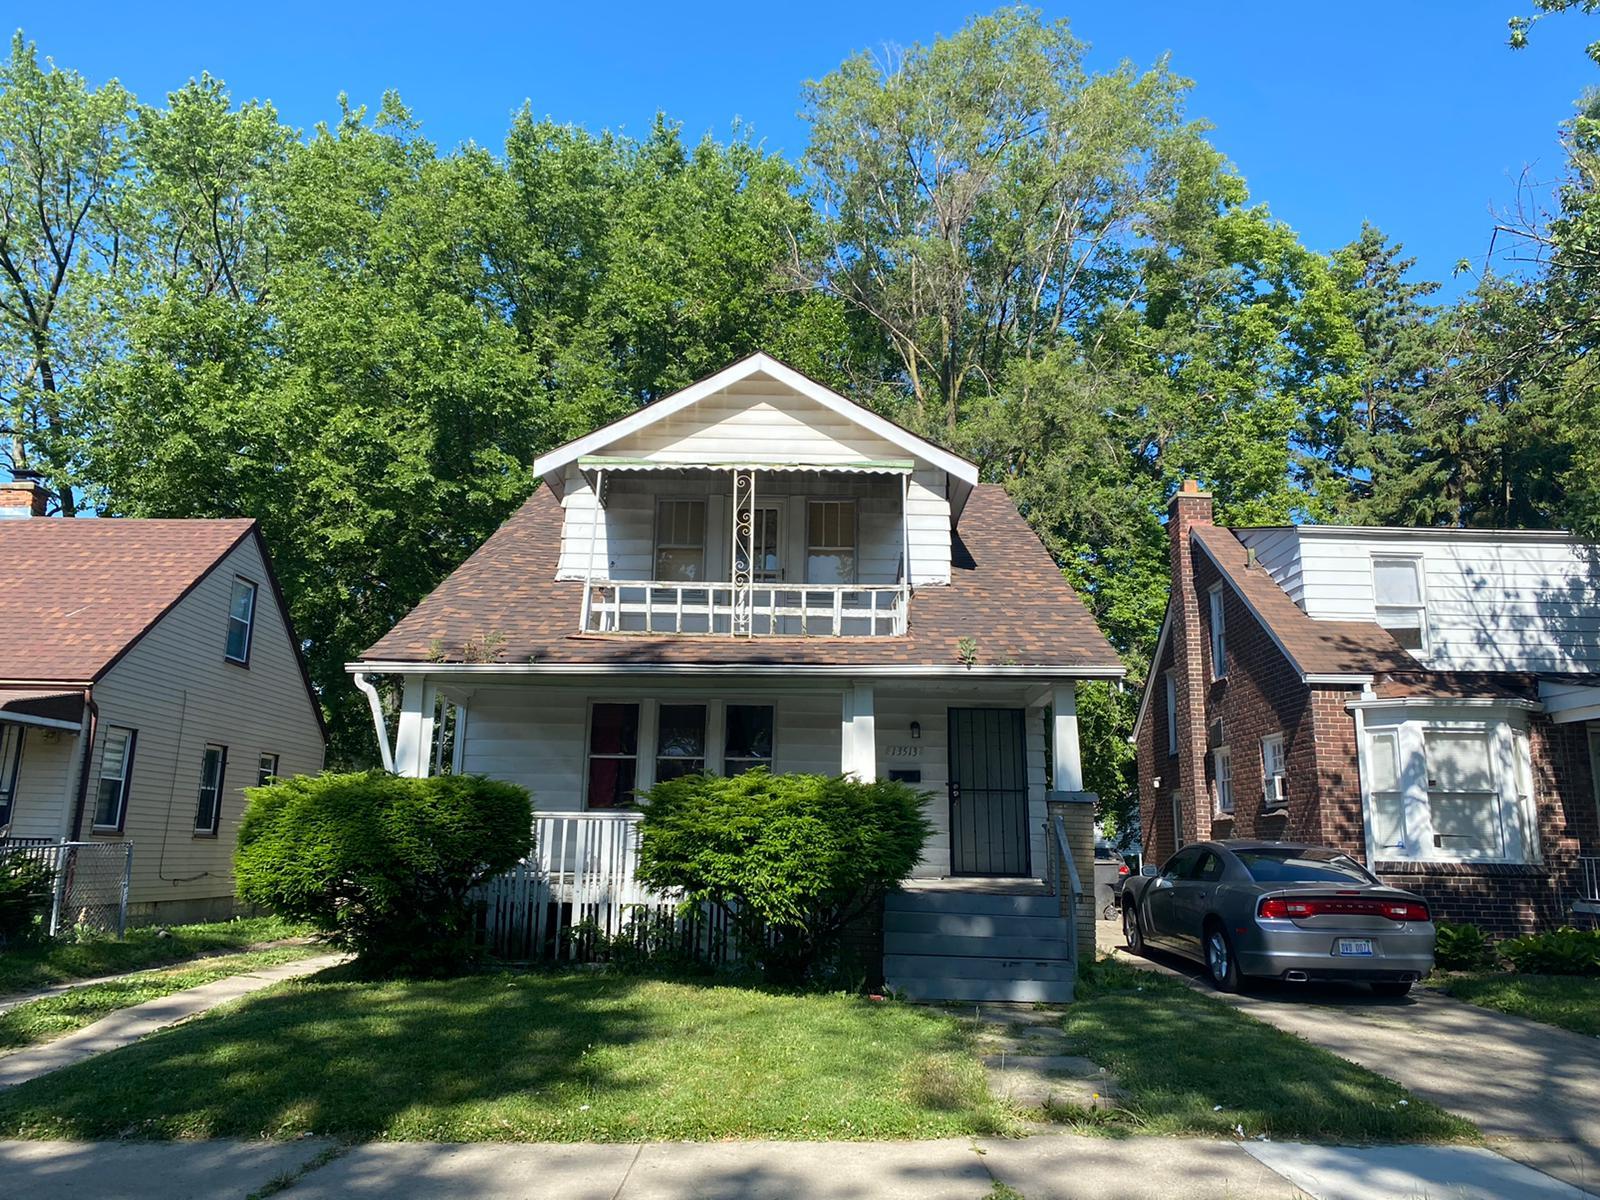 Foto de 13513 Forrer St, Detroit, MI, 48227